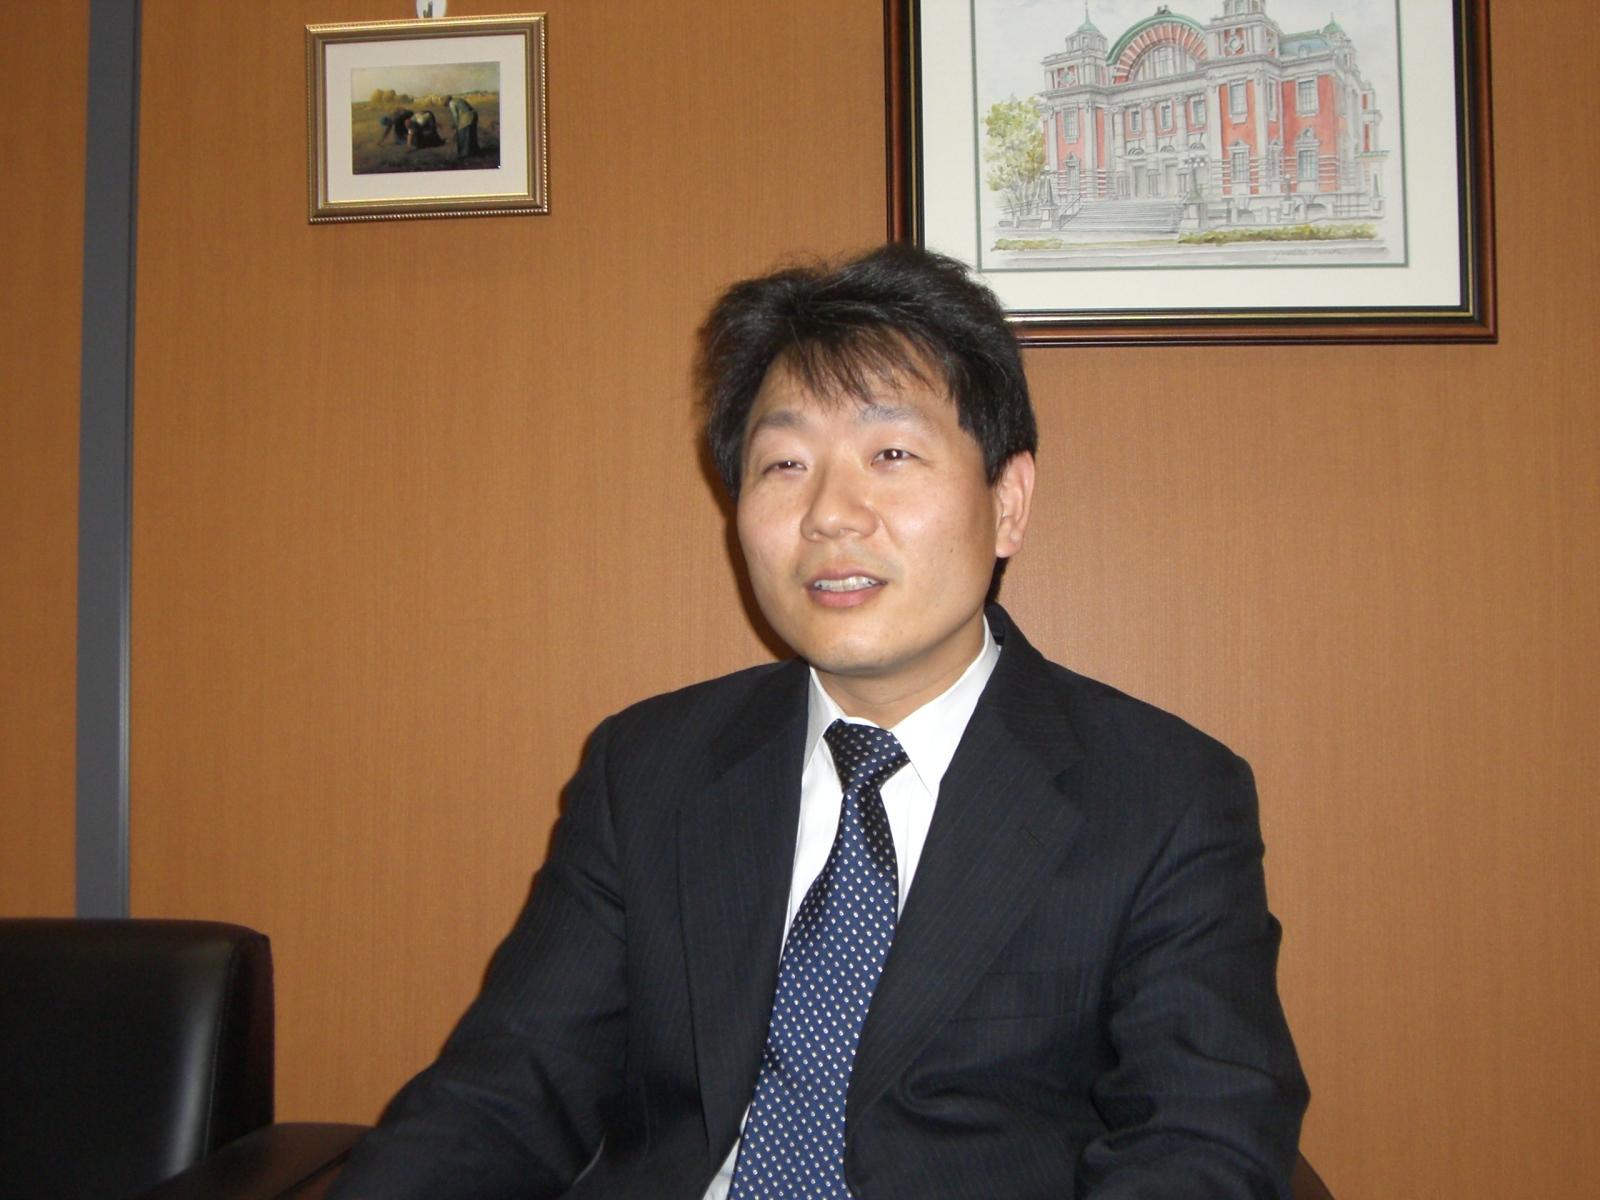 代表者プロフィール